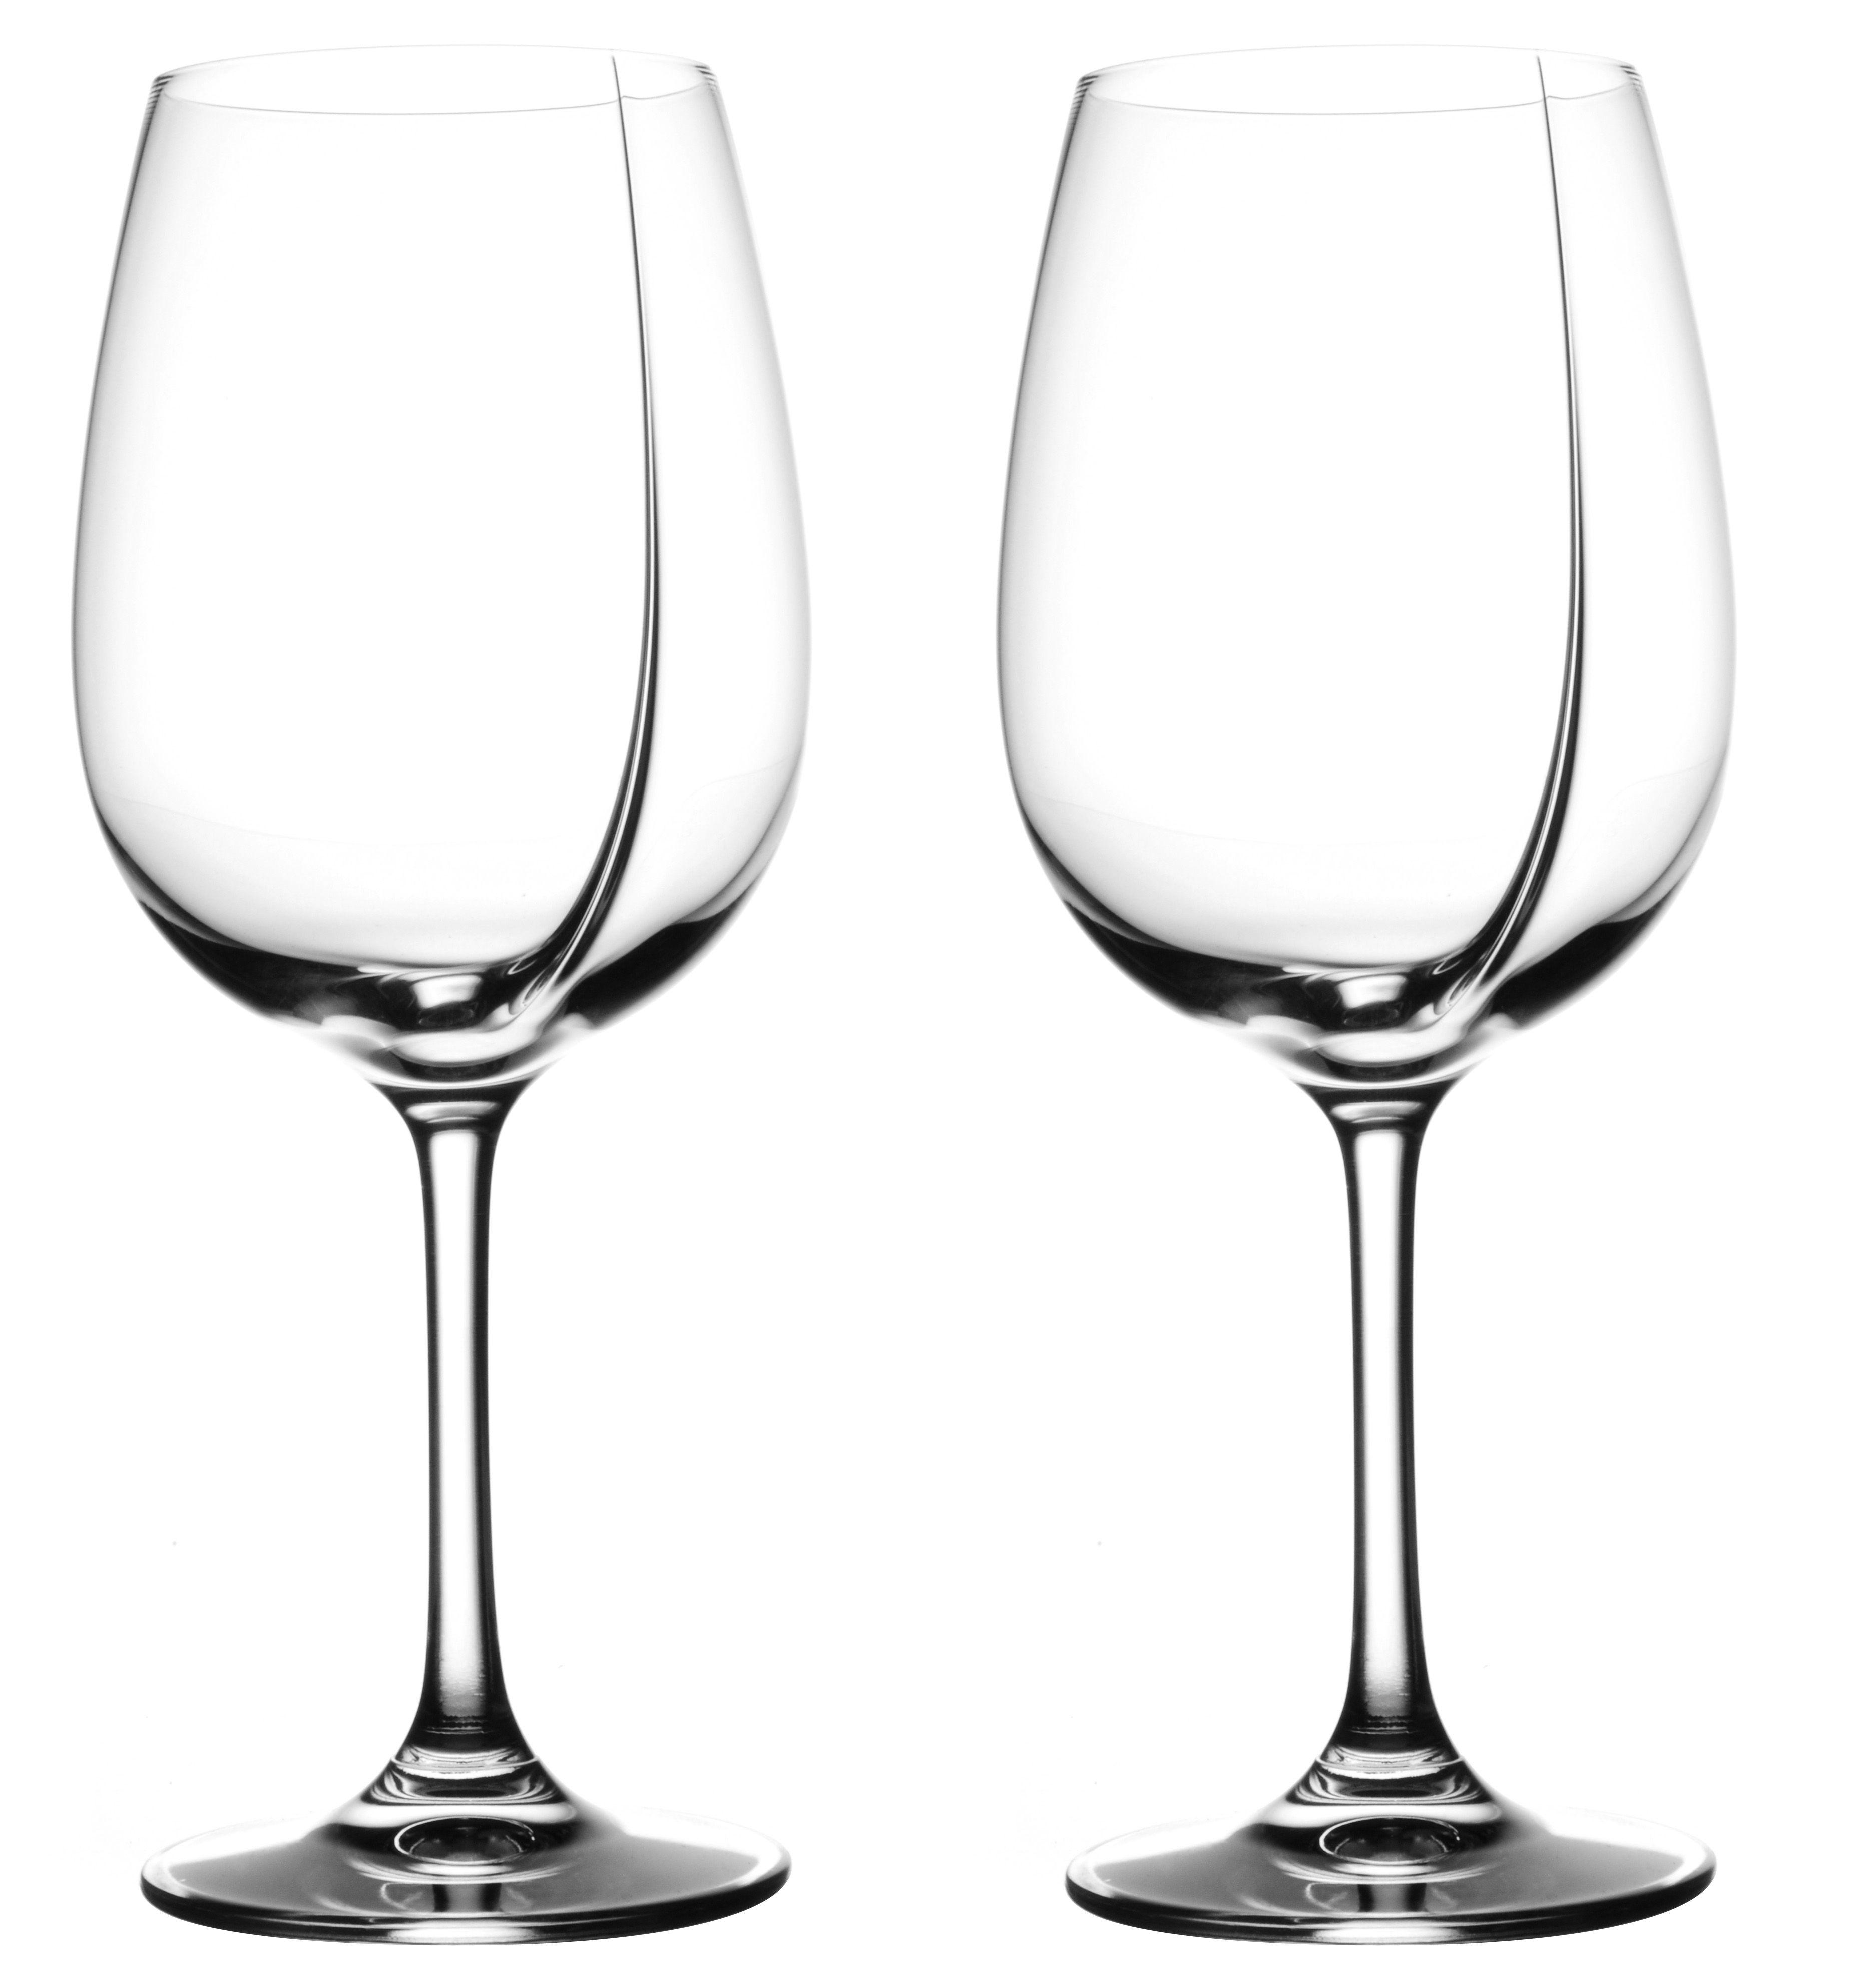 Tischkultur - Gläser - L'Exploreur Classic Weinglas Set mit 2 Weinverkostungsgläsern - L'Atelier du Vin - Transparent - geblasenes Glas